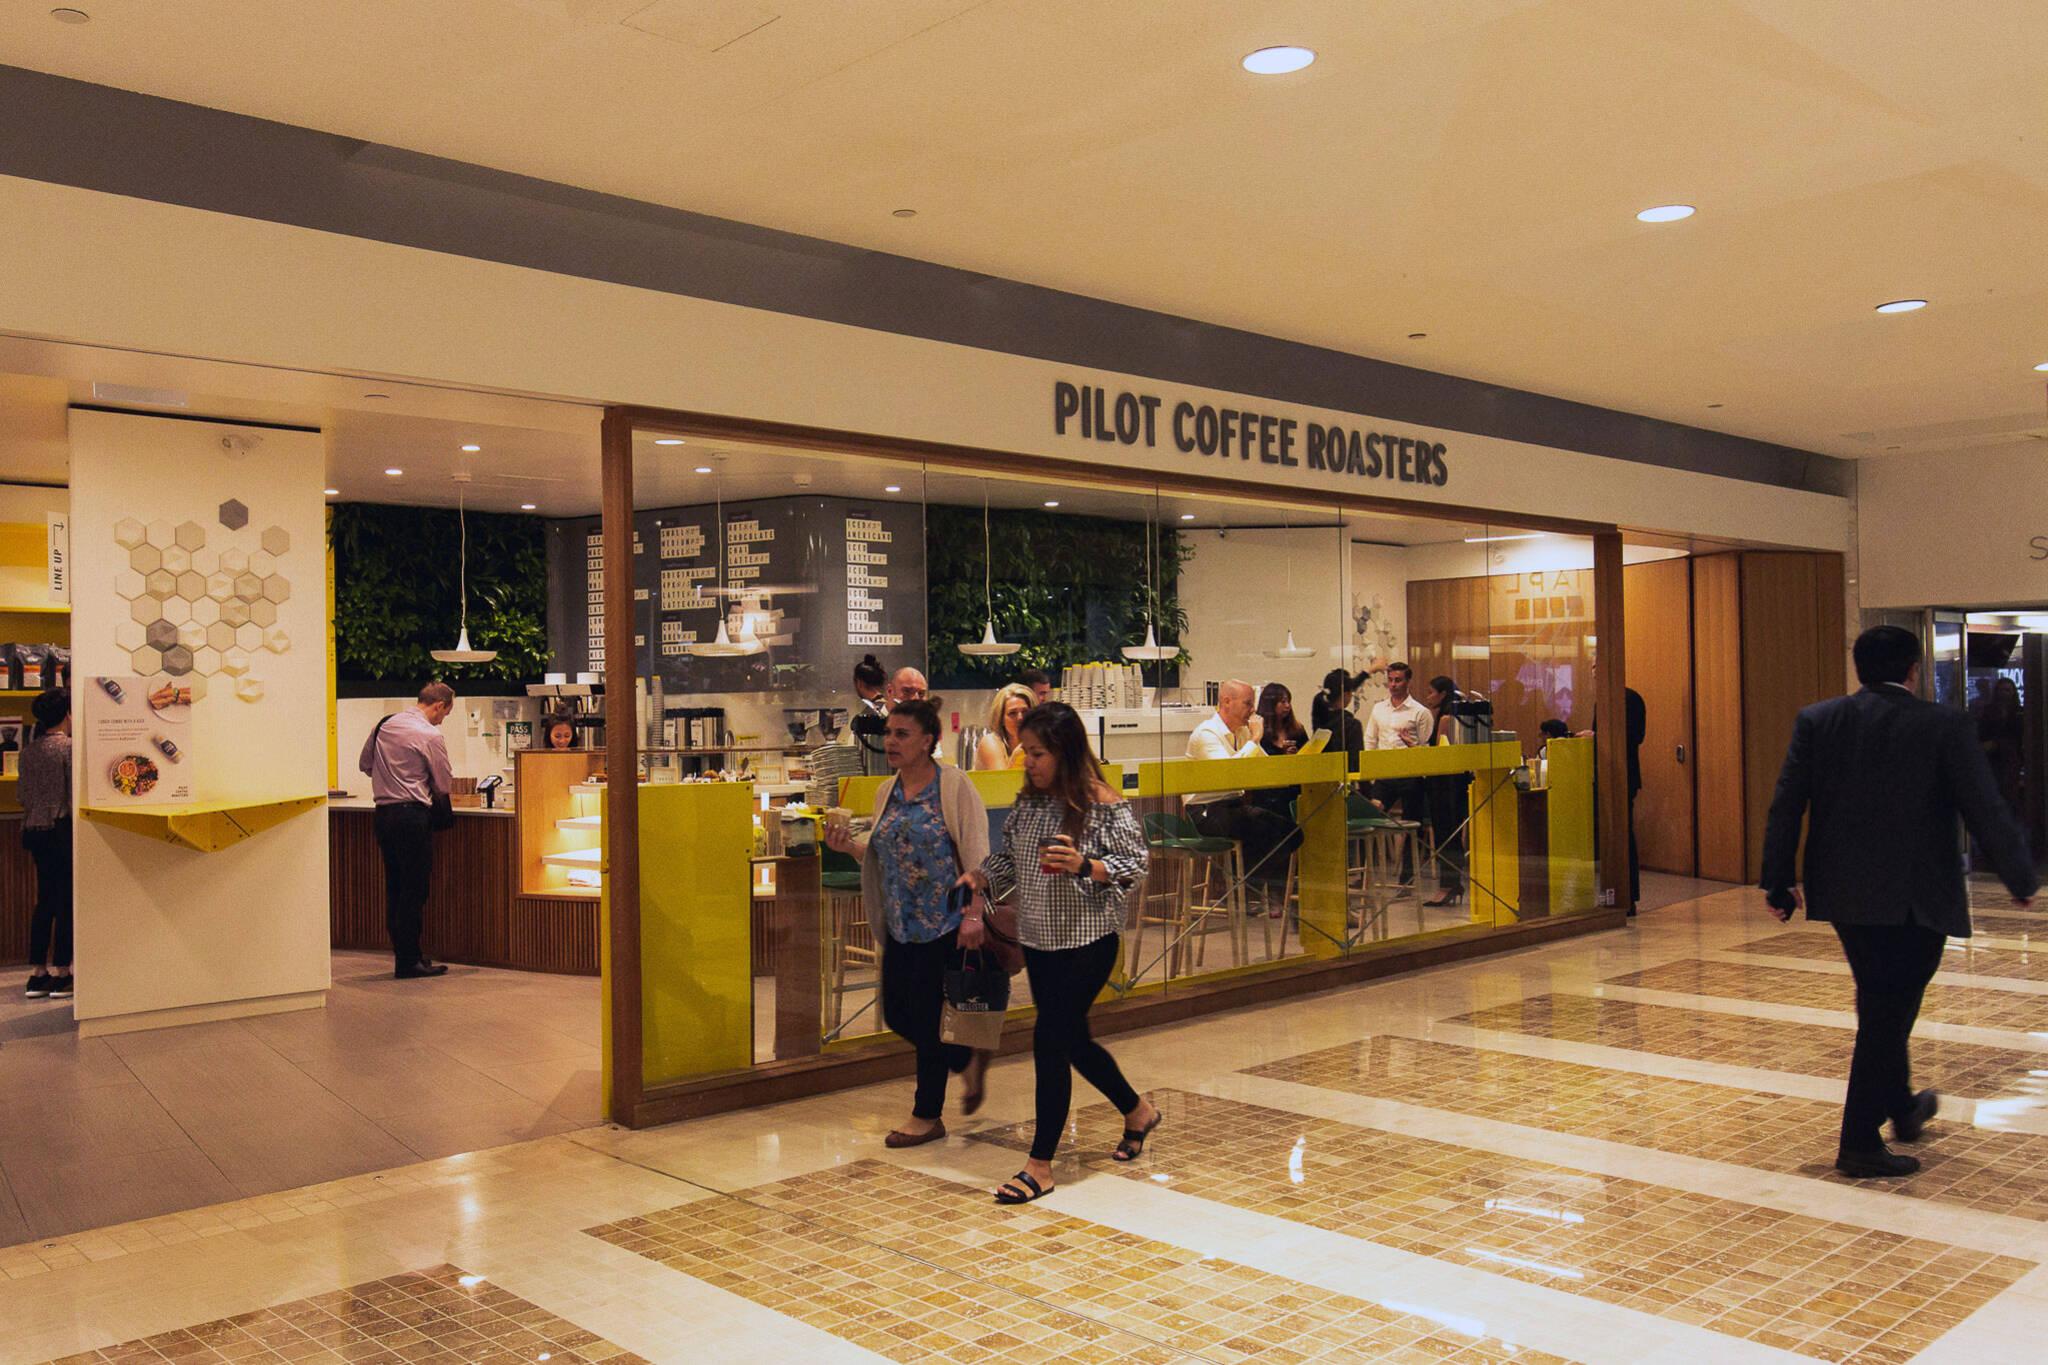 Pilot Coffee Roasters Toronto